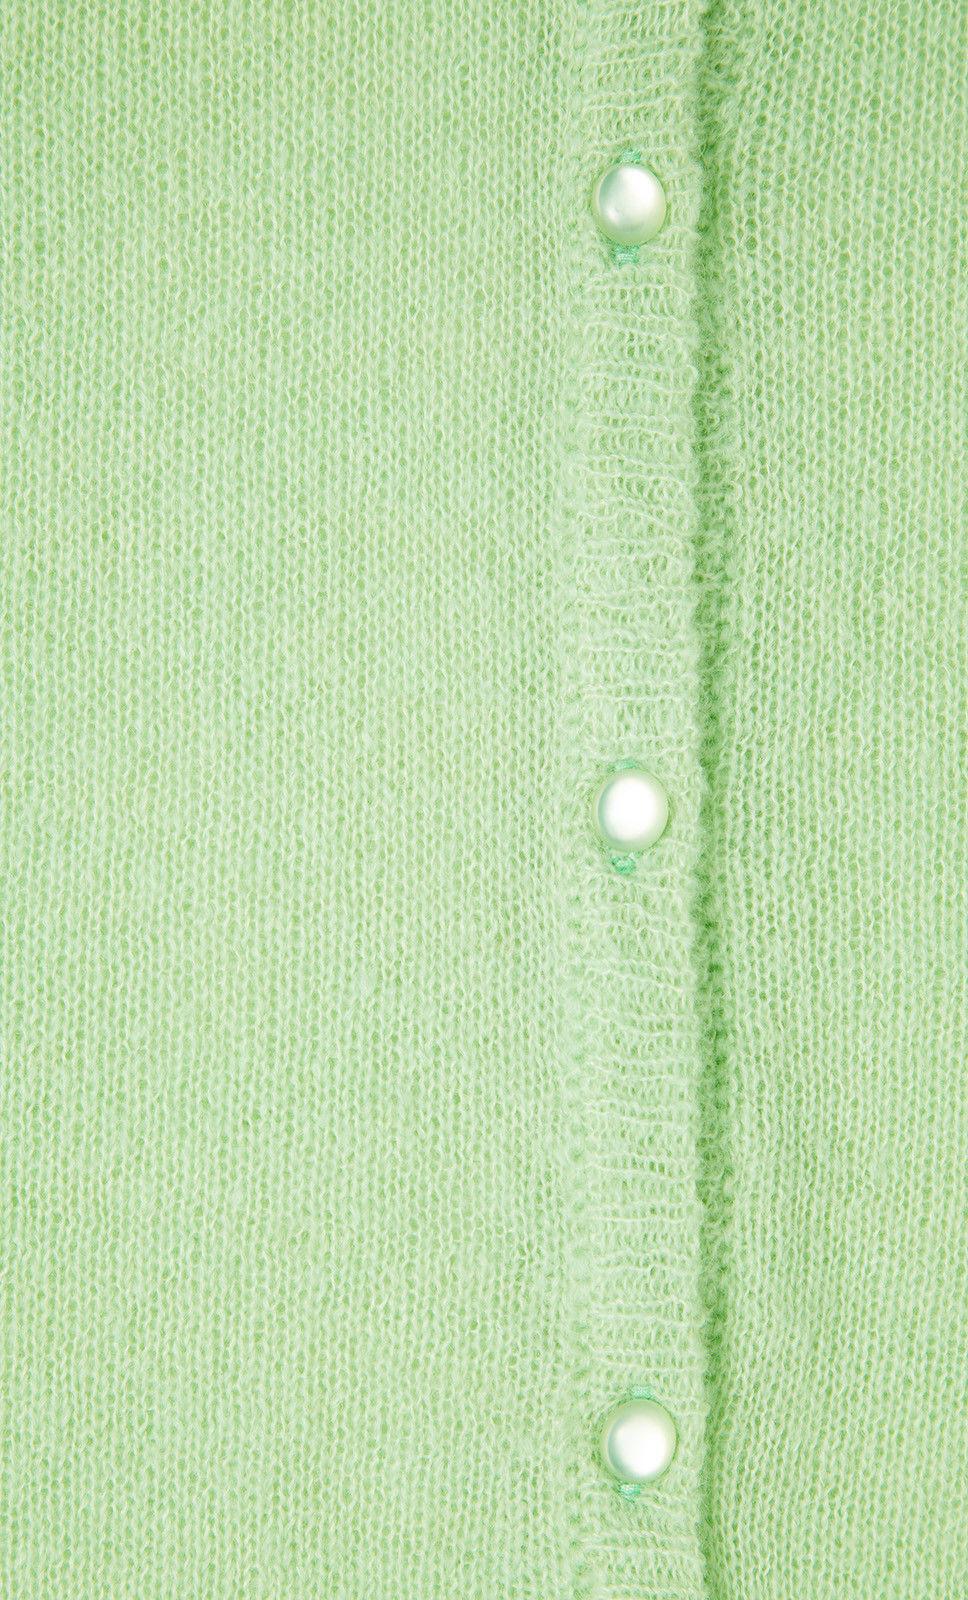 Fluffy-Mint-Green